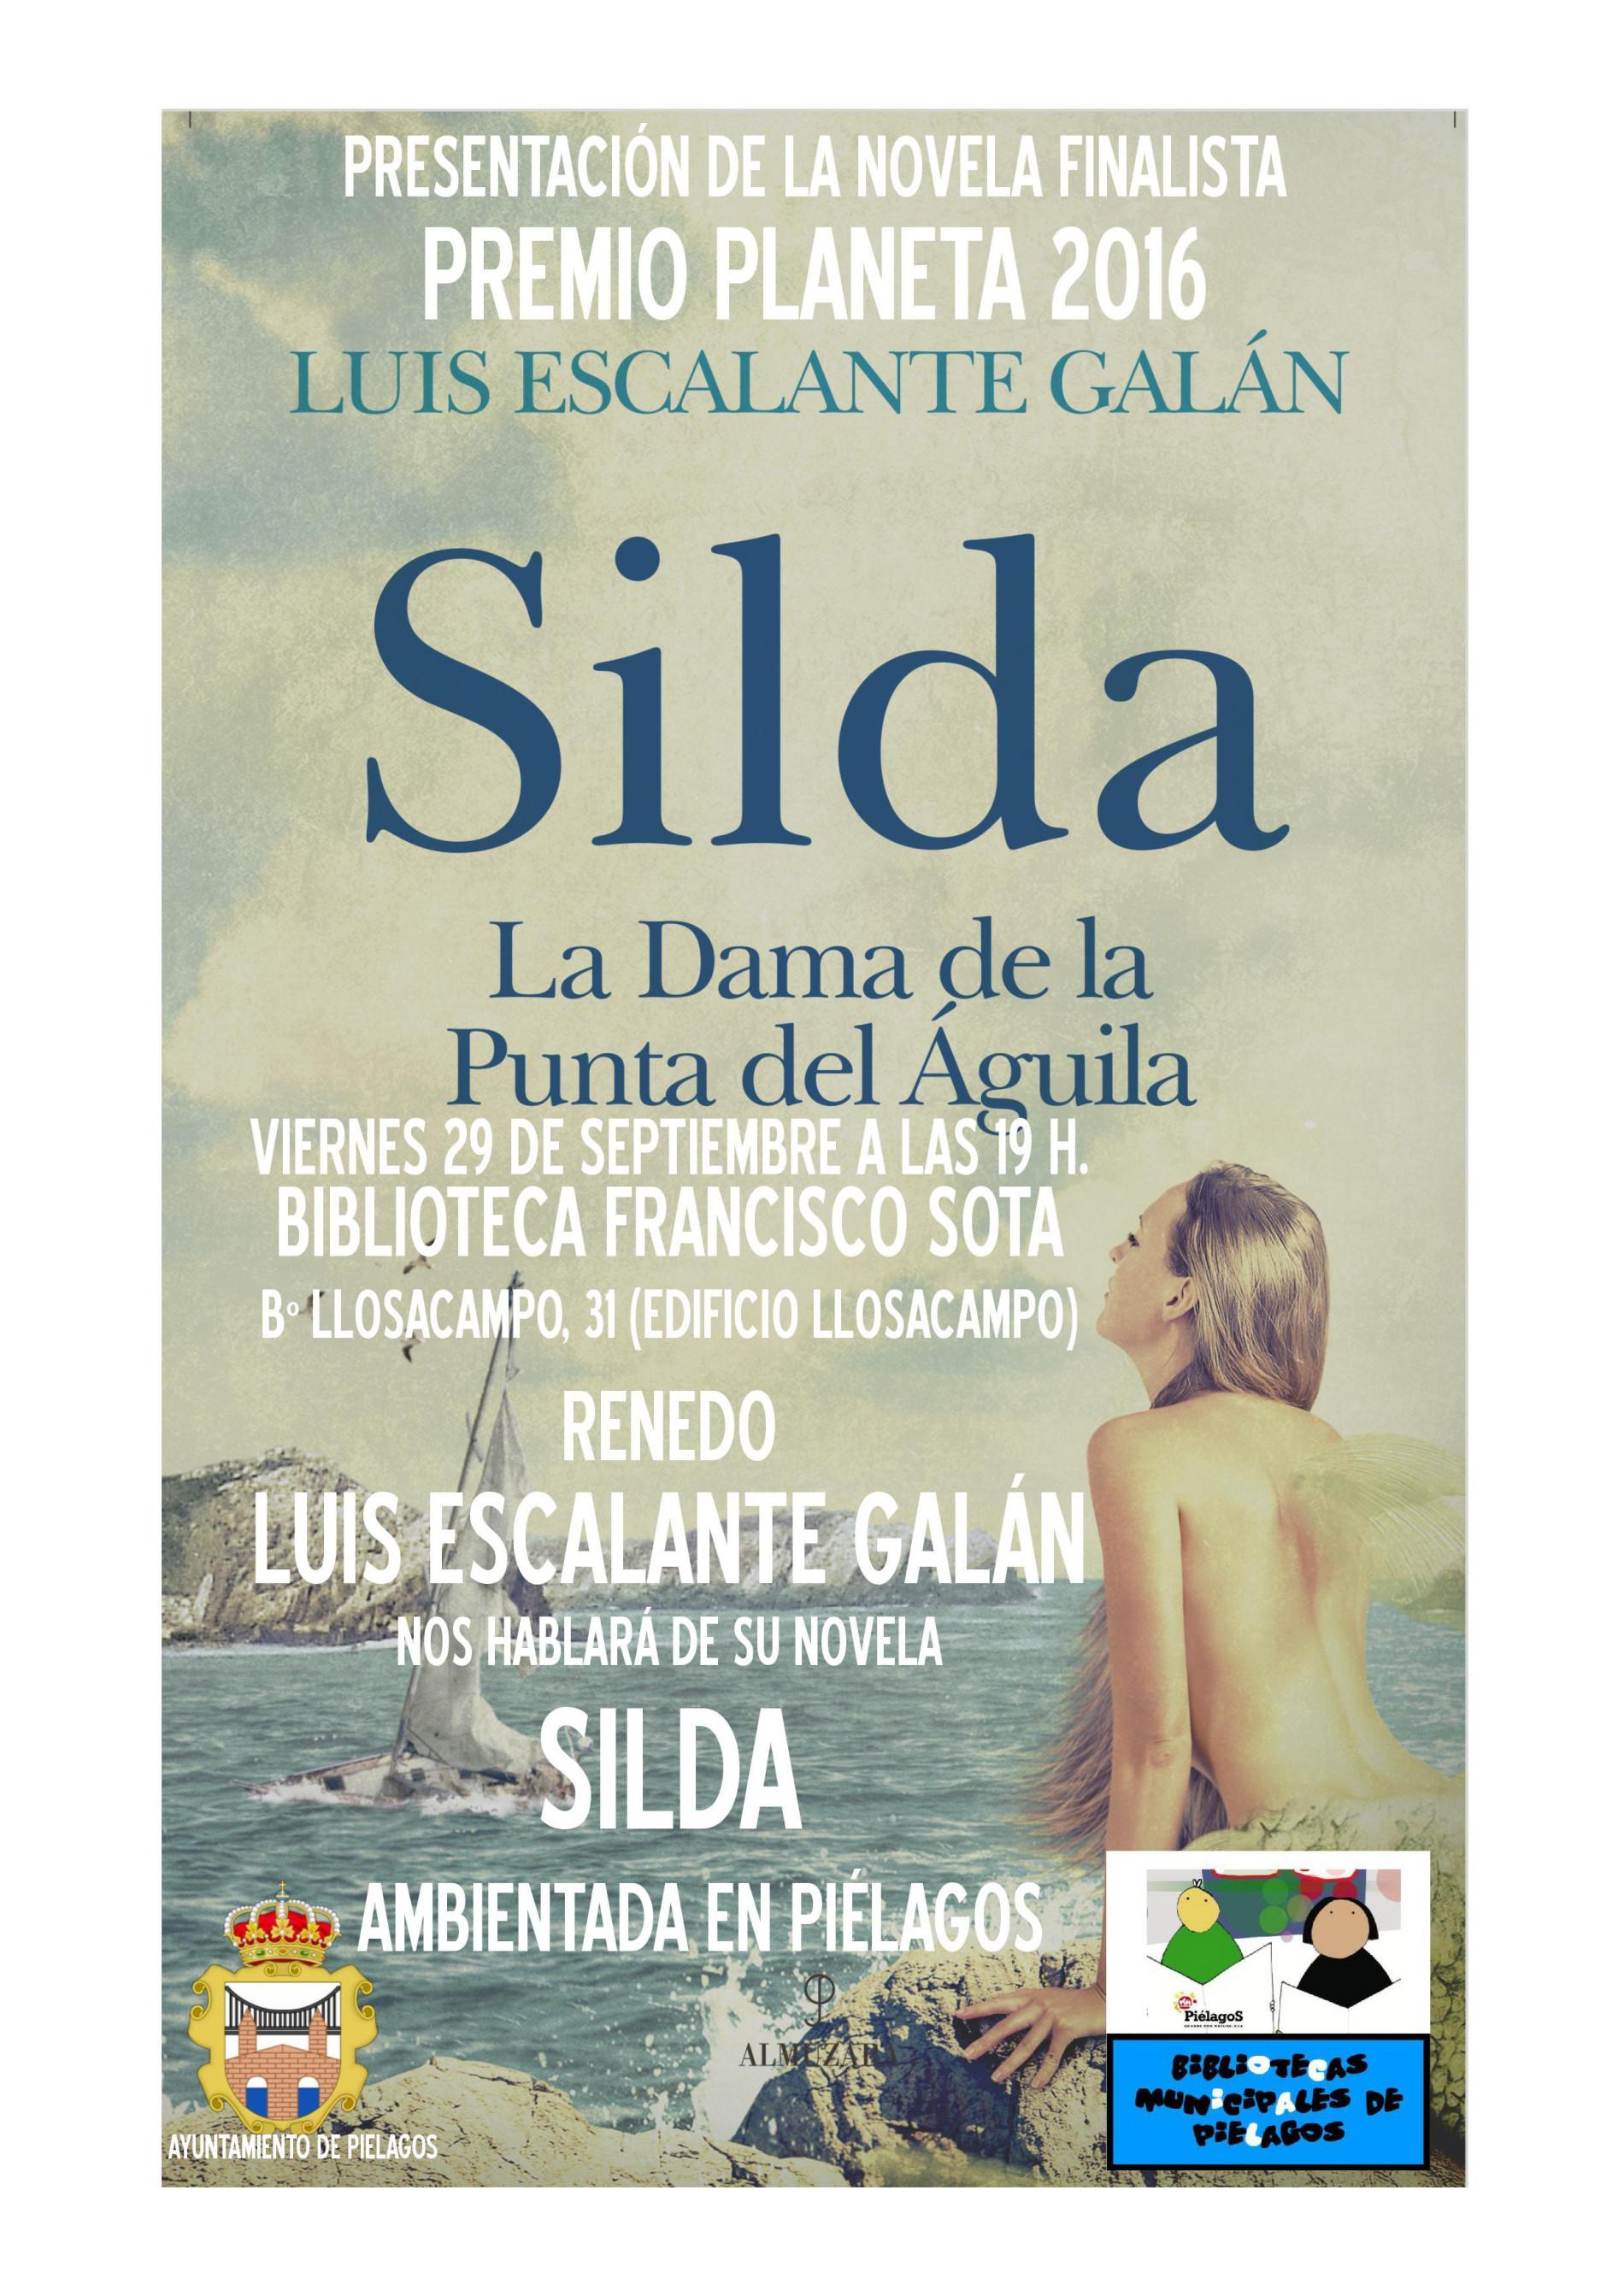 El escritor Luis Escalante presentará su novela 'Silda. La Dama de la Punta del Ángel' el 29 de septiembre en la Biblioteca de Renedo